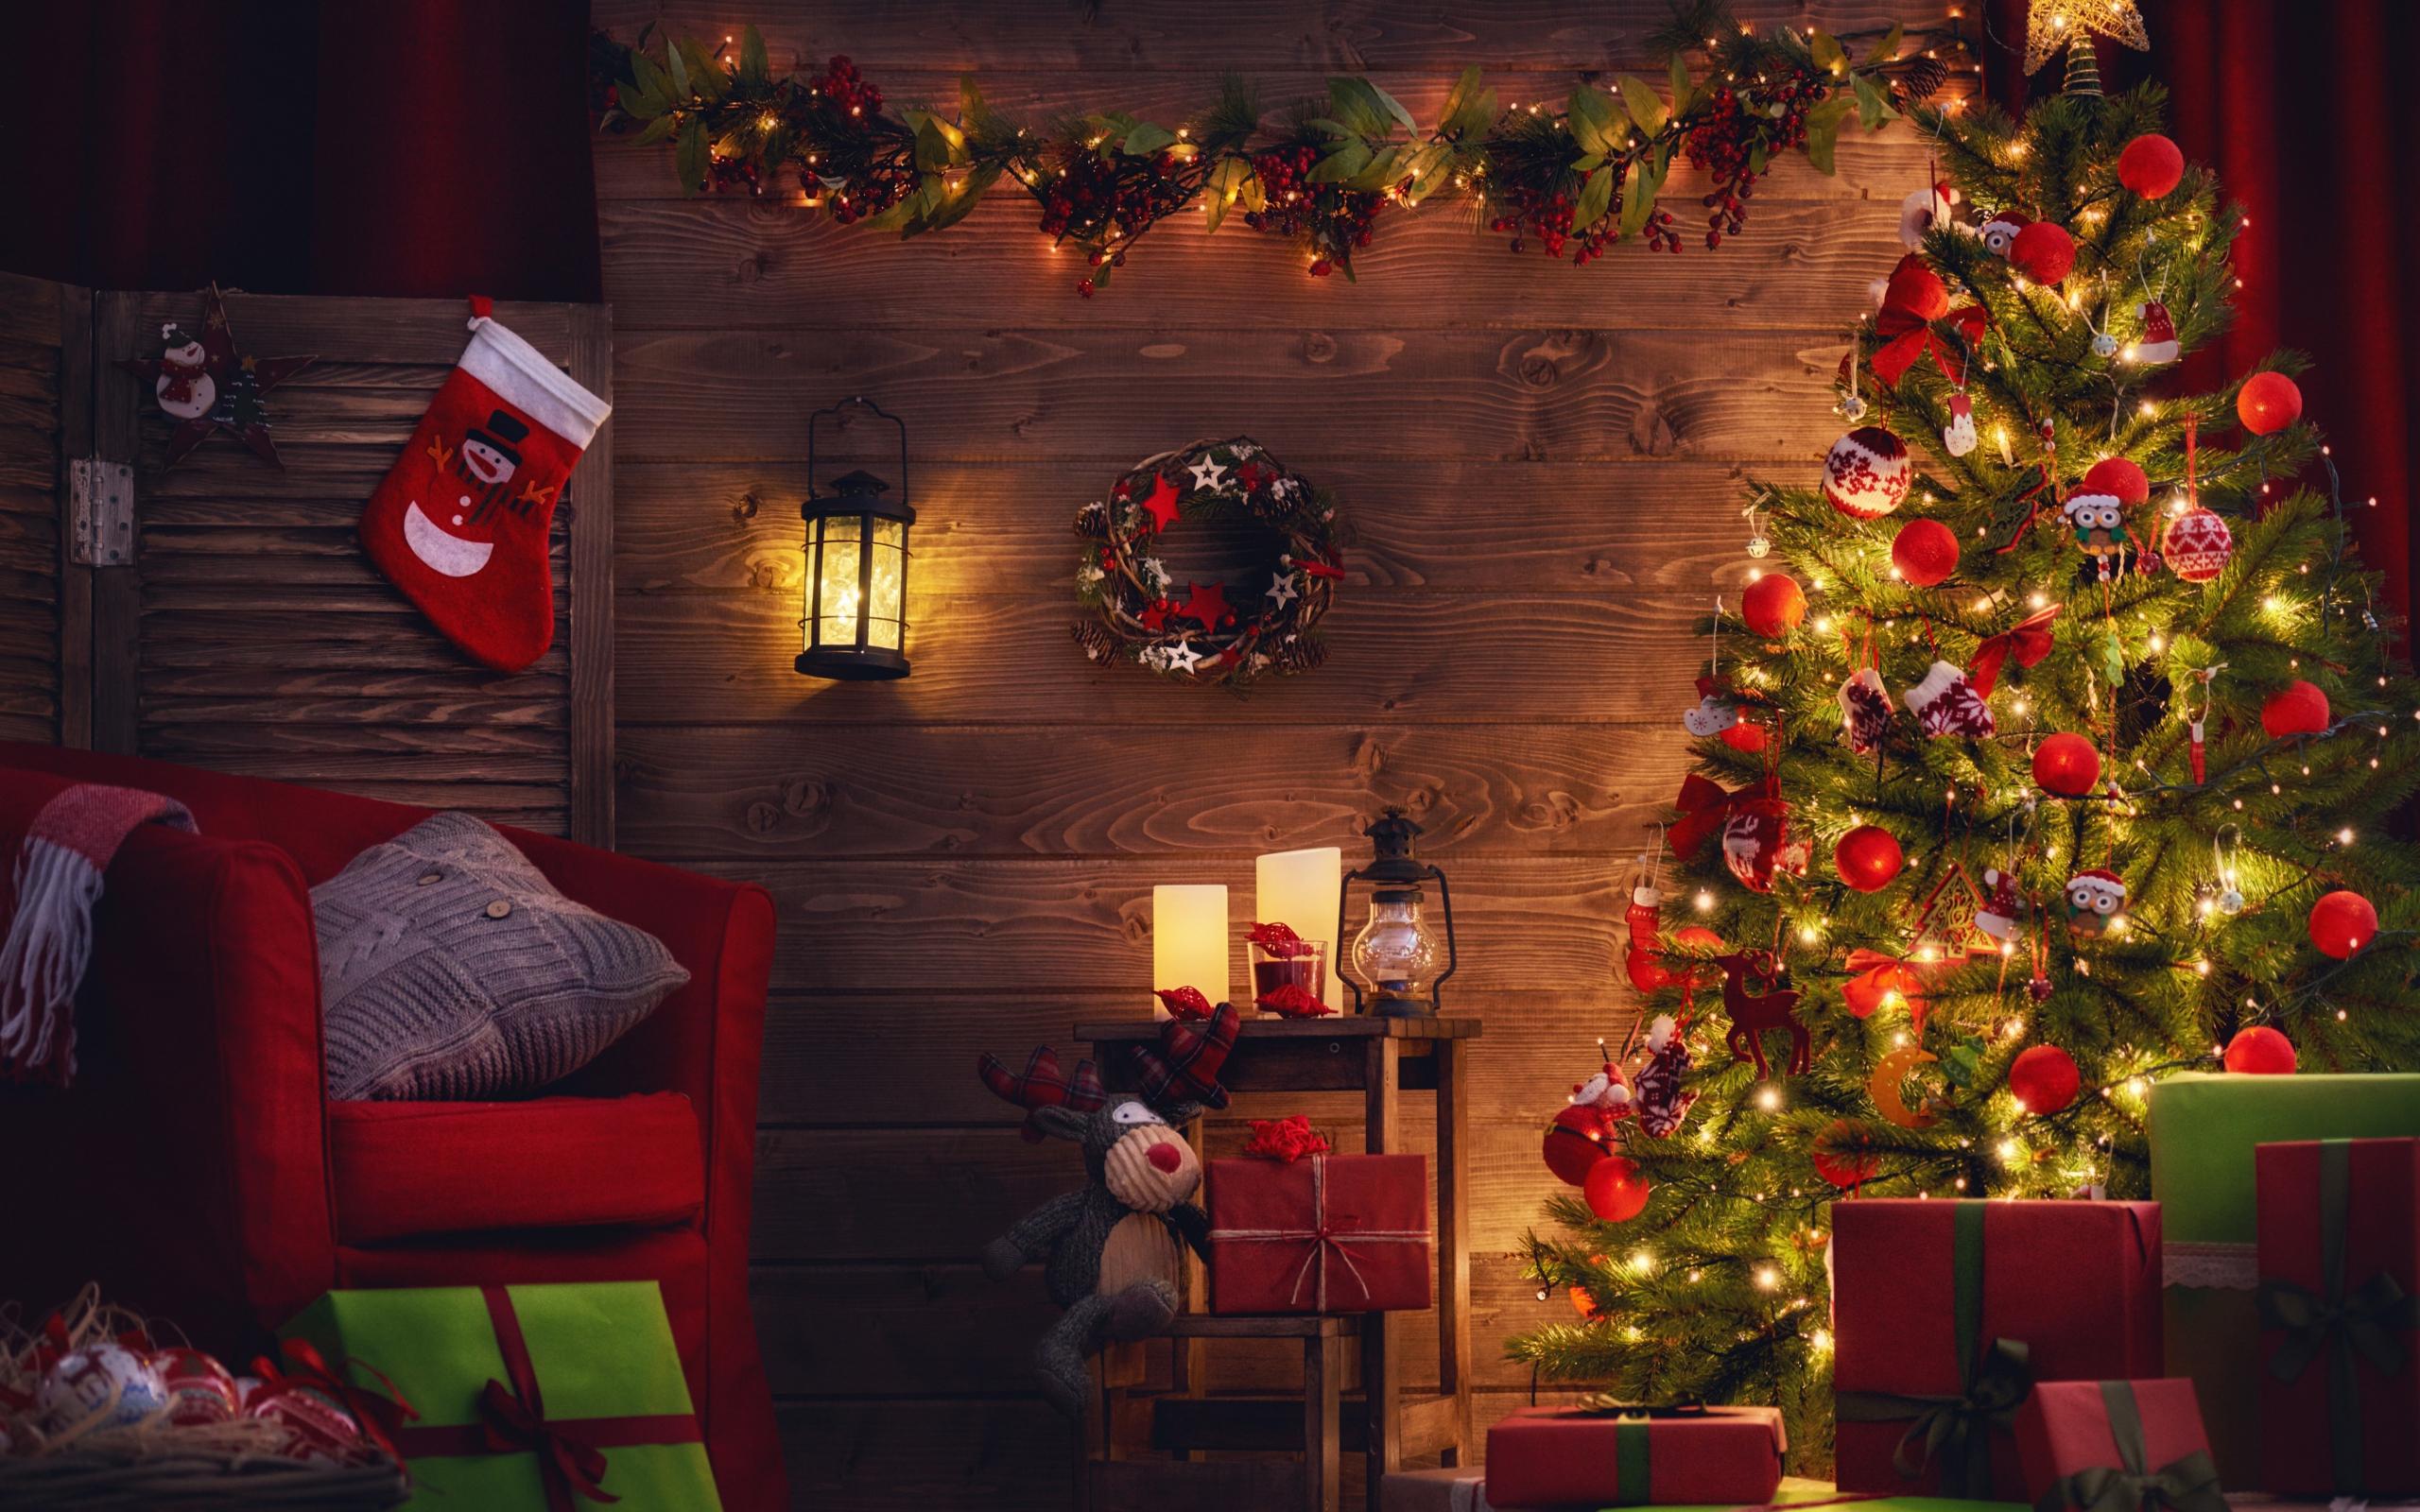 Albero Di Natale Hd.Albero Di Natale Sfondi Di Natale Hd 1392x783 Wallpapertip